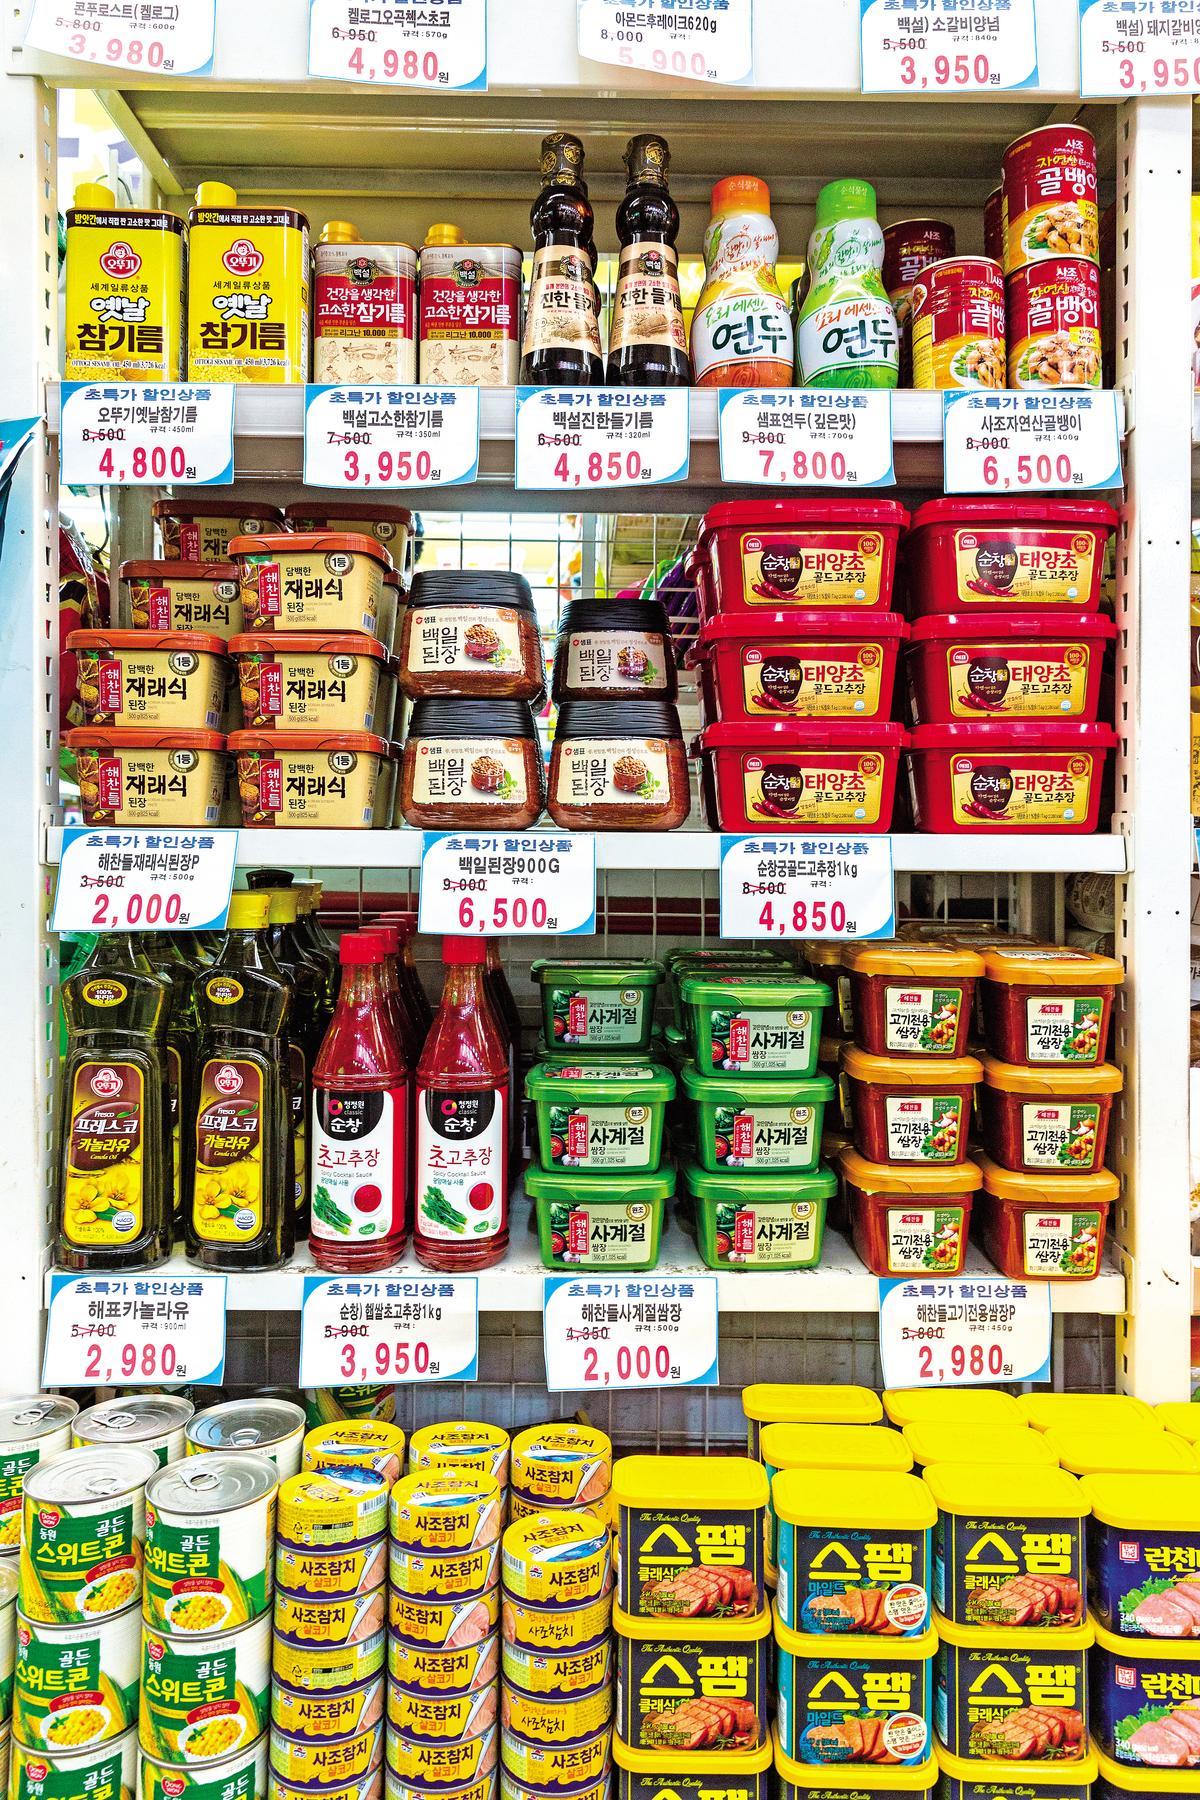 市場內的雜貨店,可找到各款韓式醬料、罐頭,五顏六色相當吸睛。